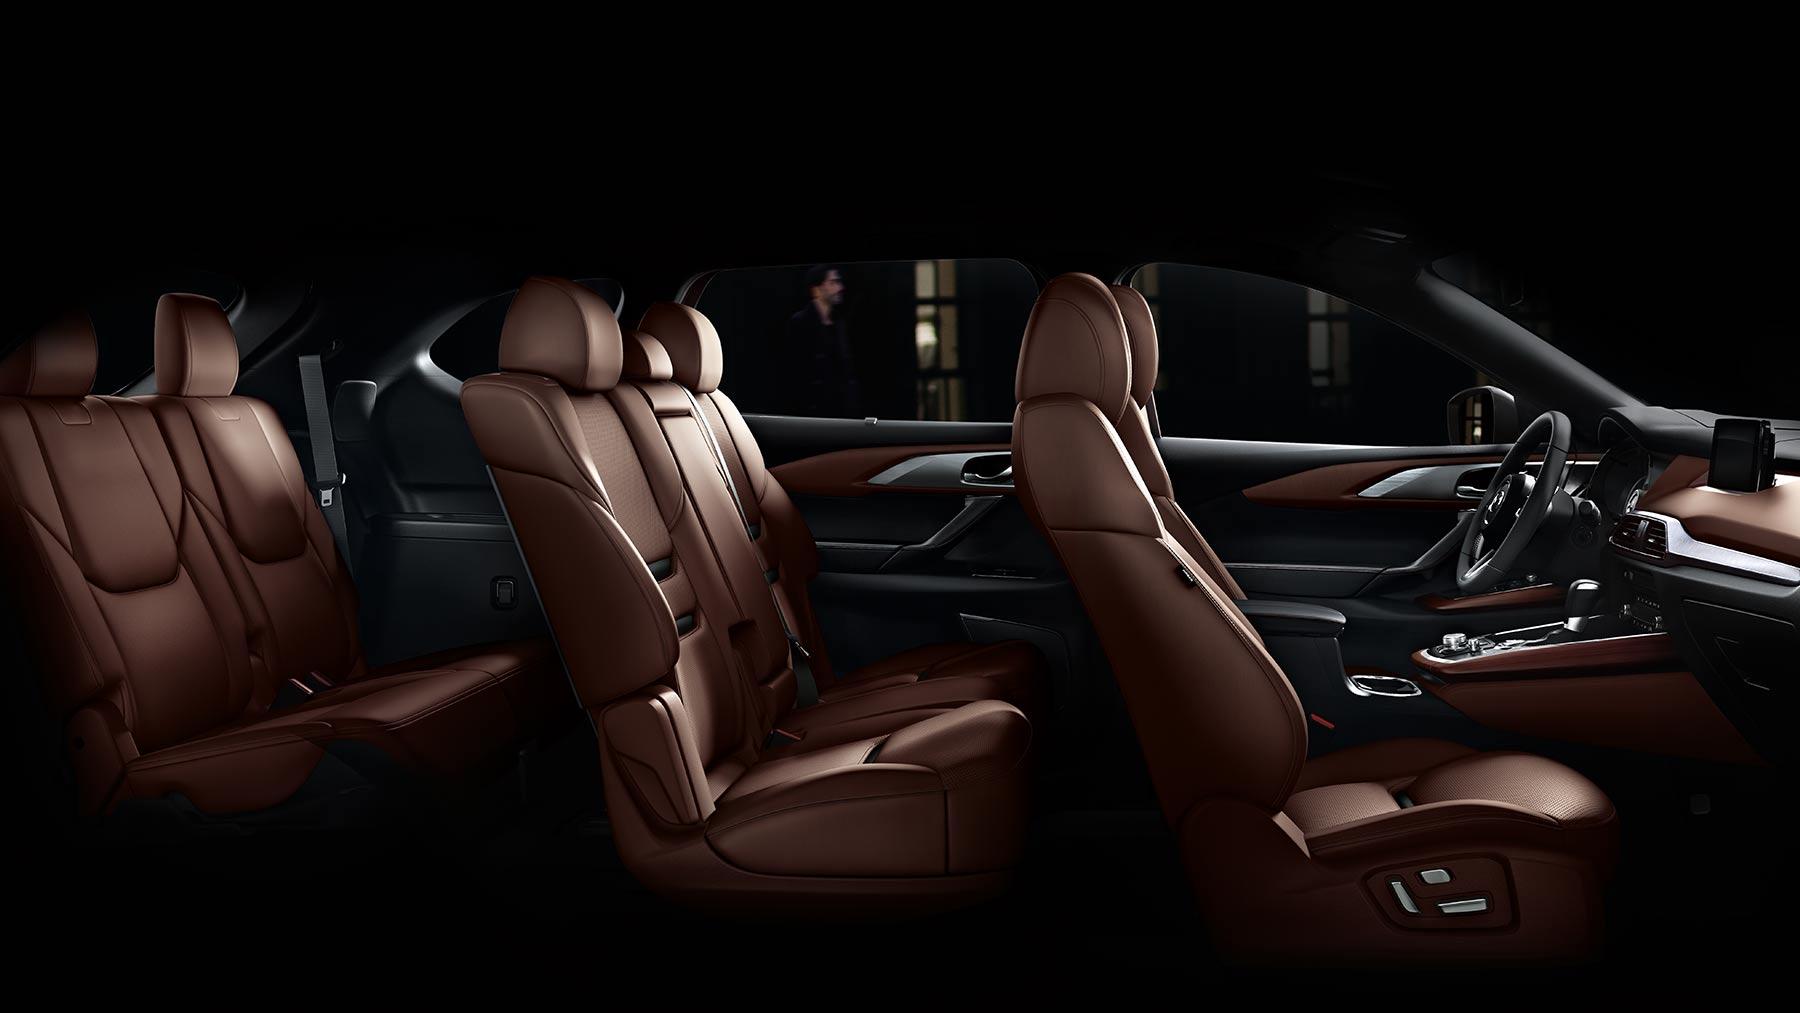 Commodious Interior of the 2019 Mazda CX-9